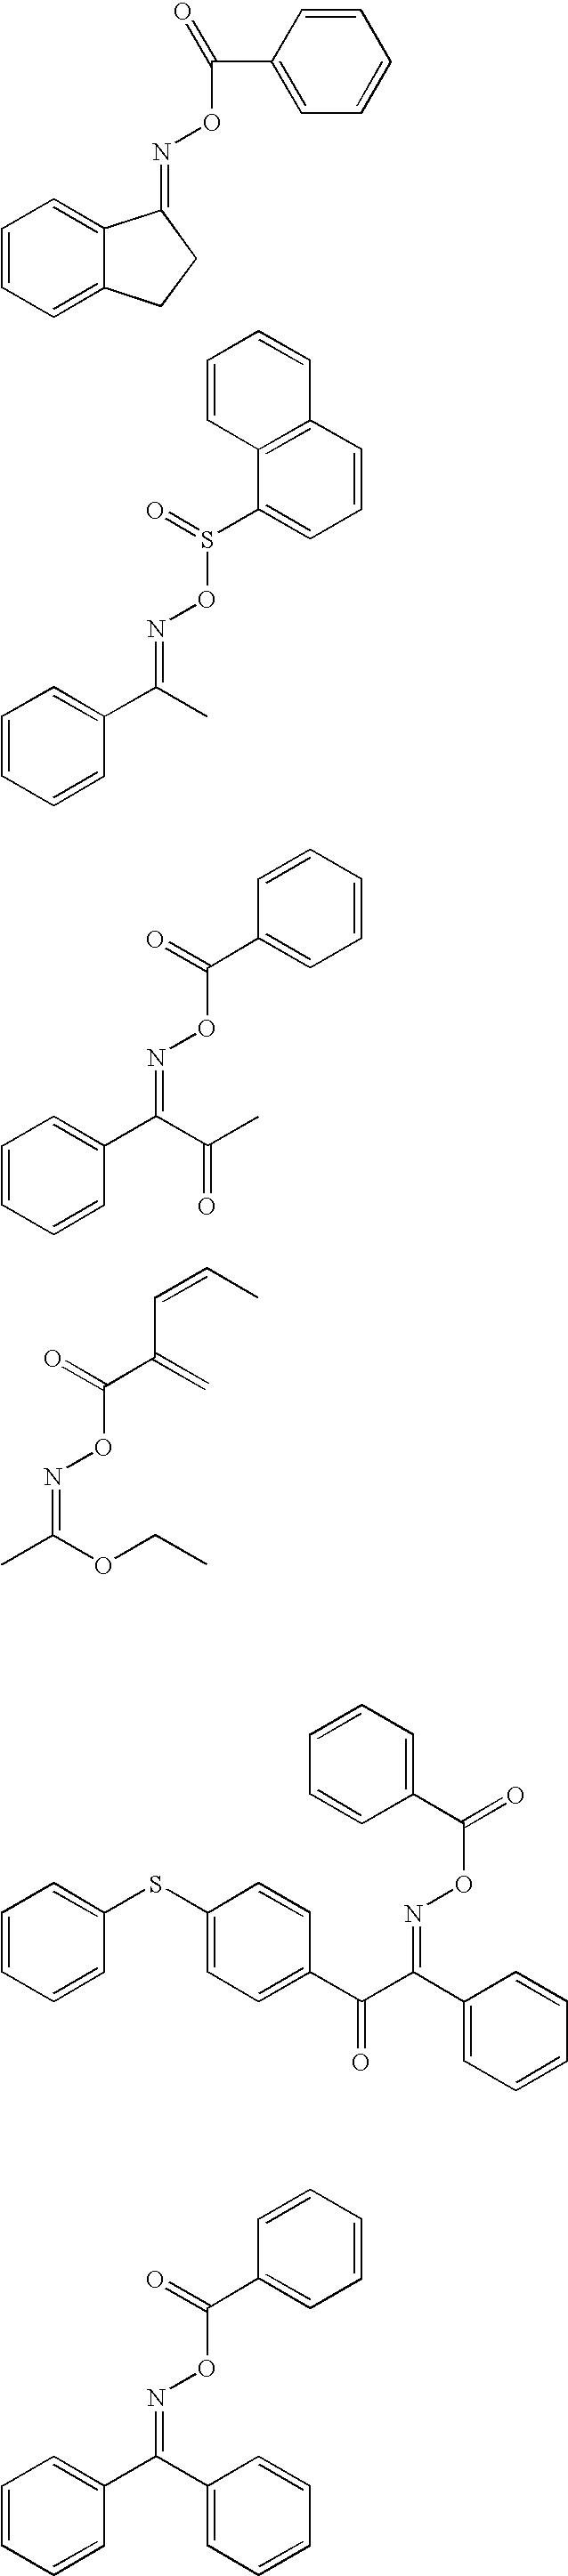 Figure US07910286-20110322-C00011